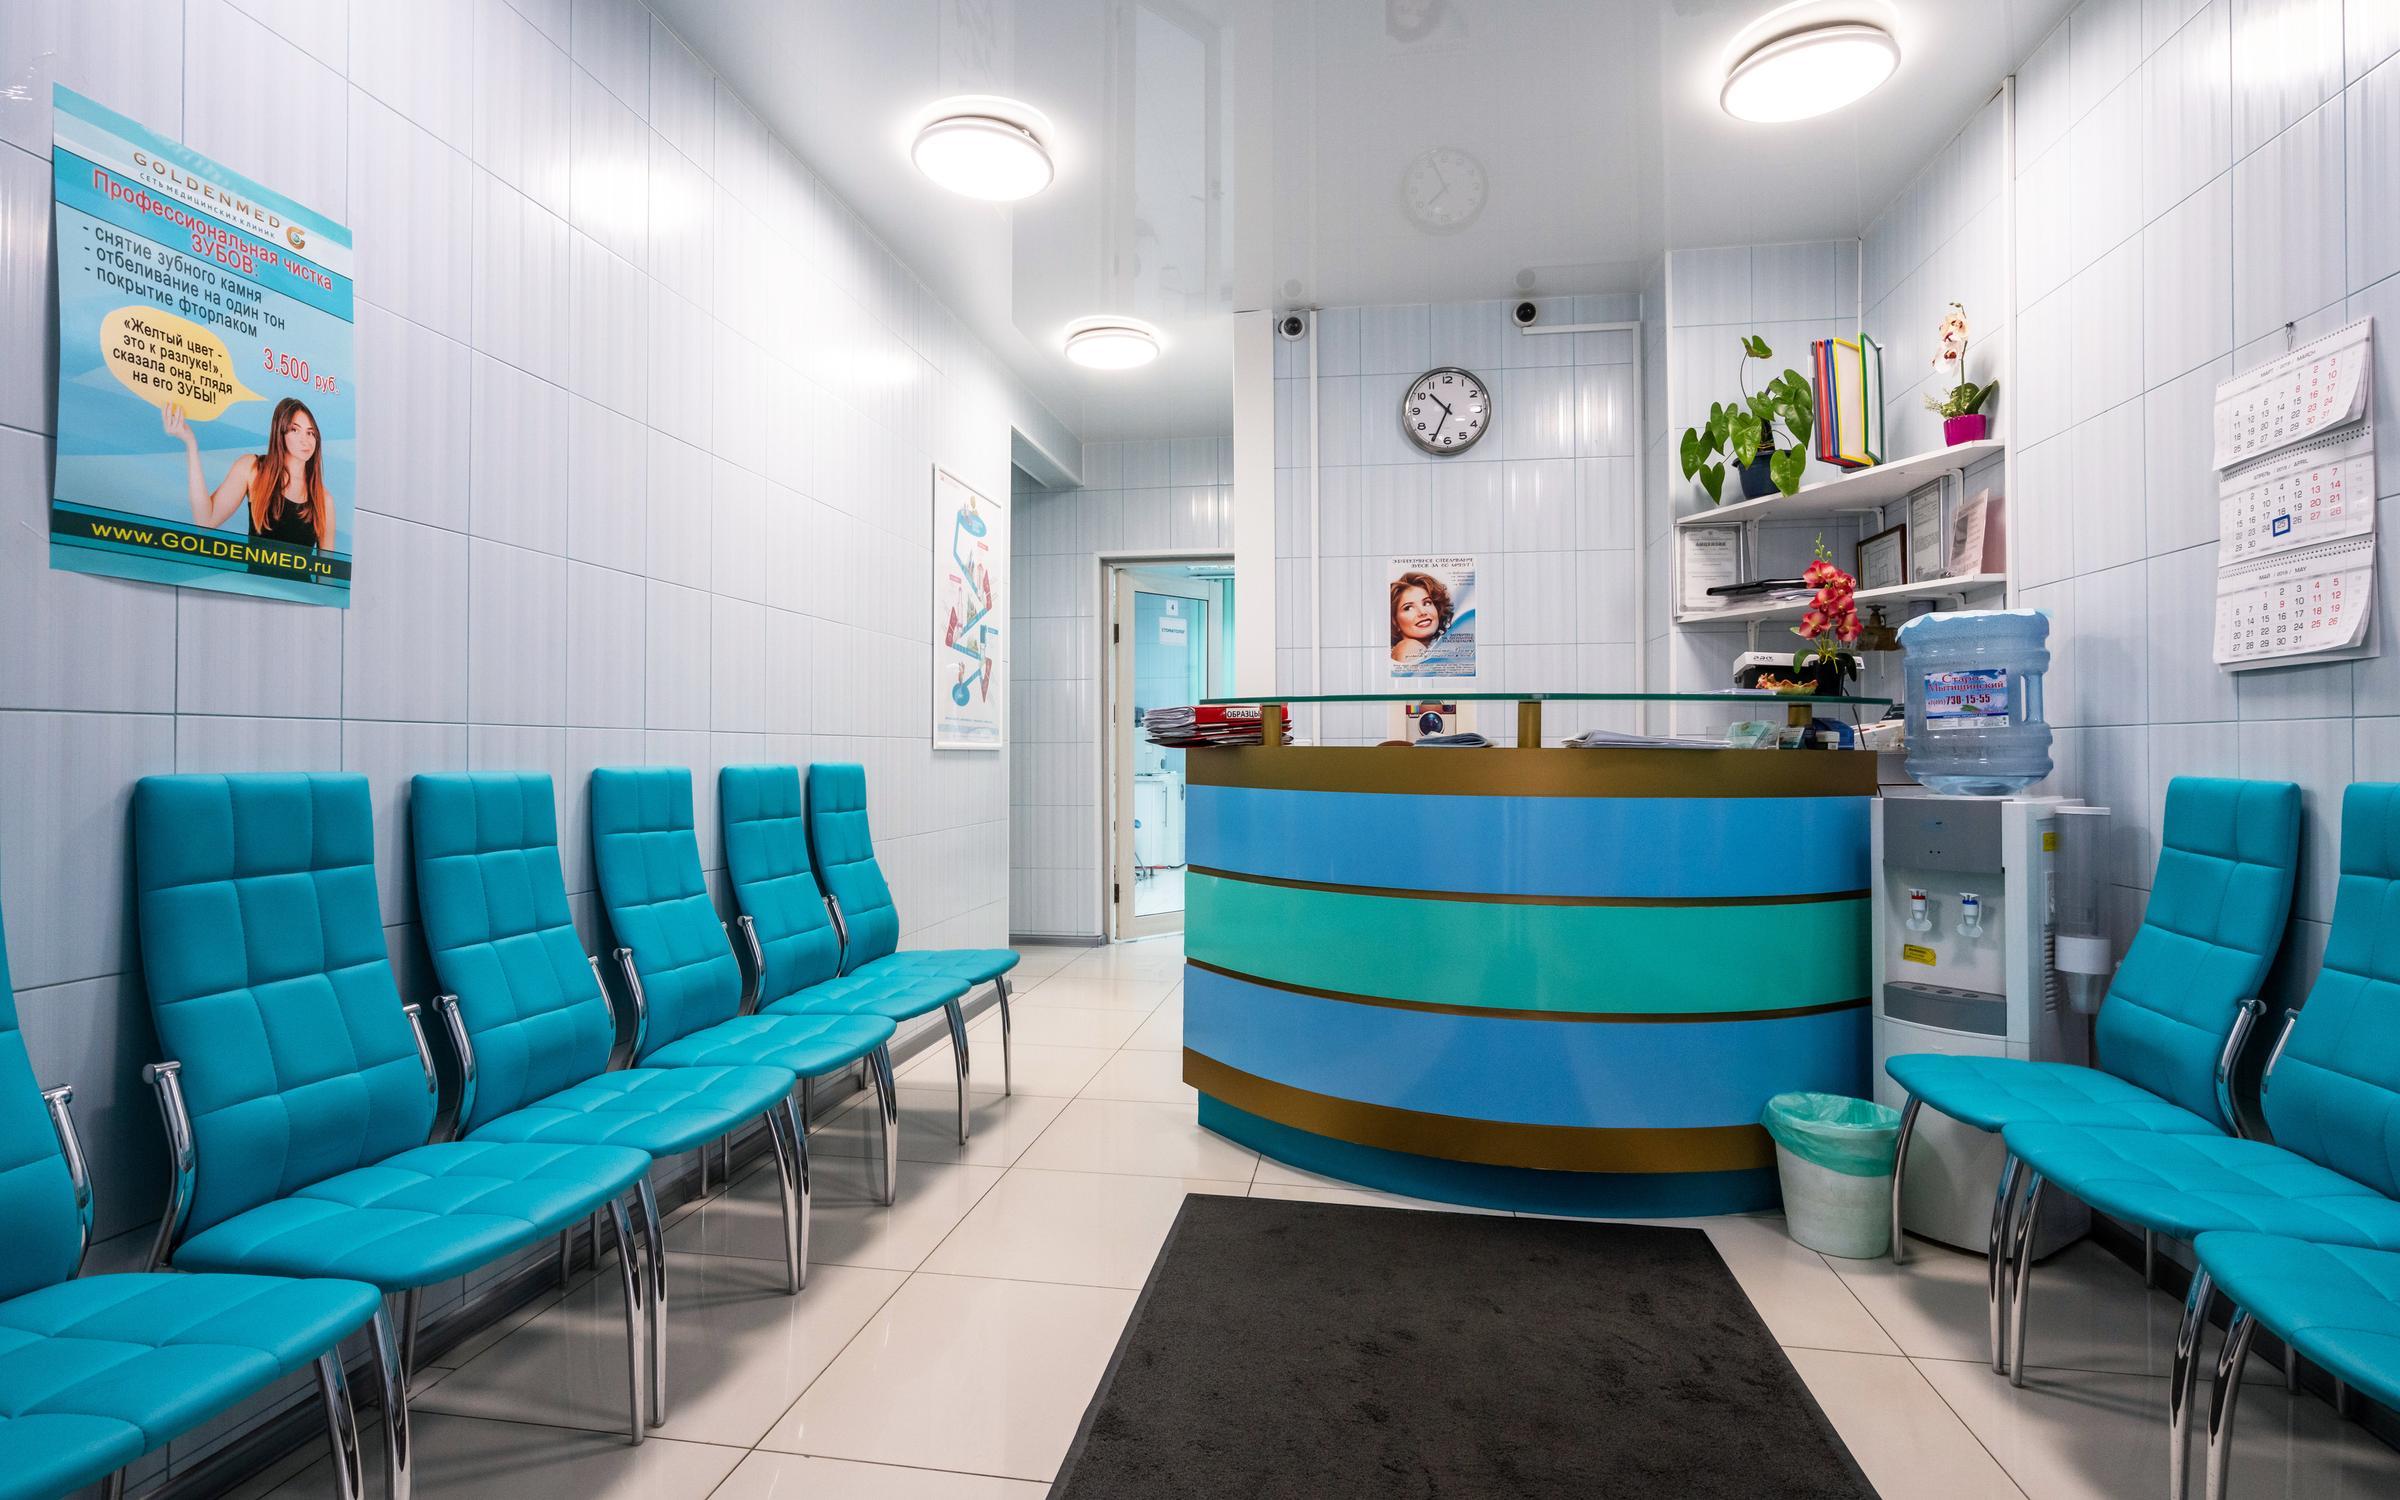 фотография Медицинской клиники GoldenMed в Железнодорожном